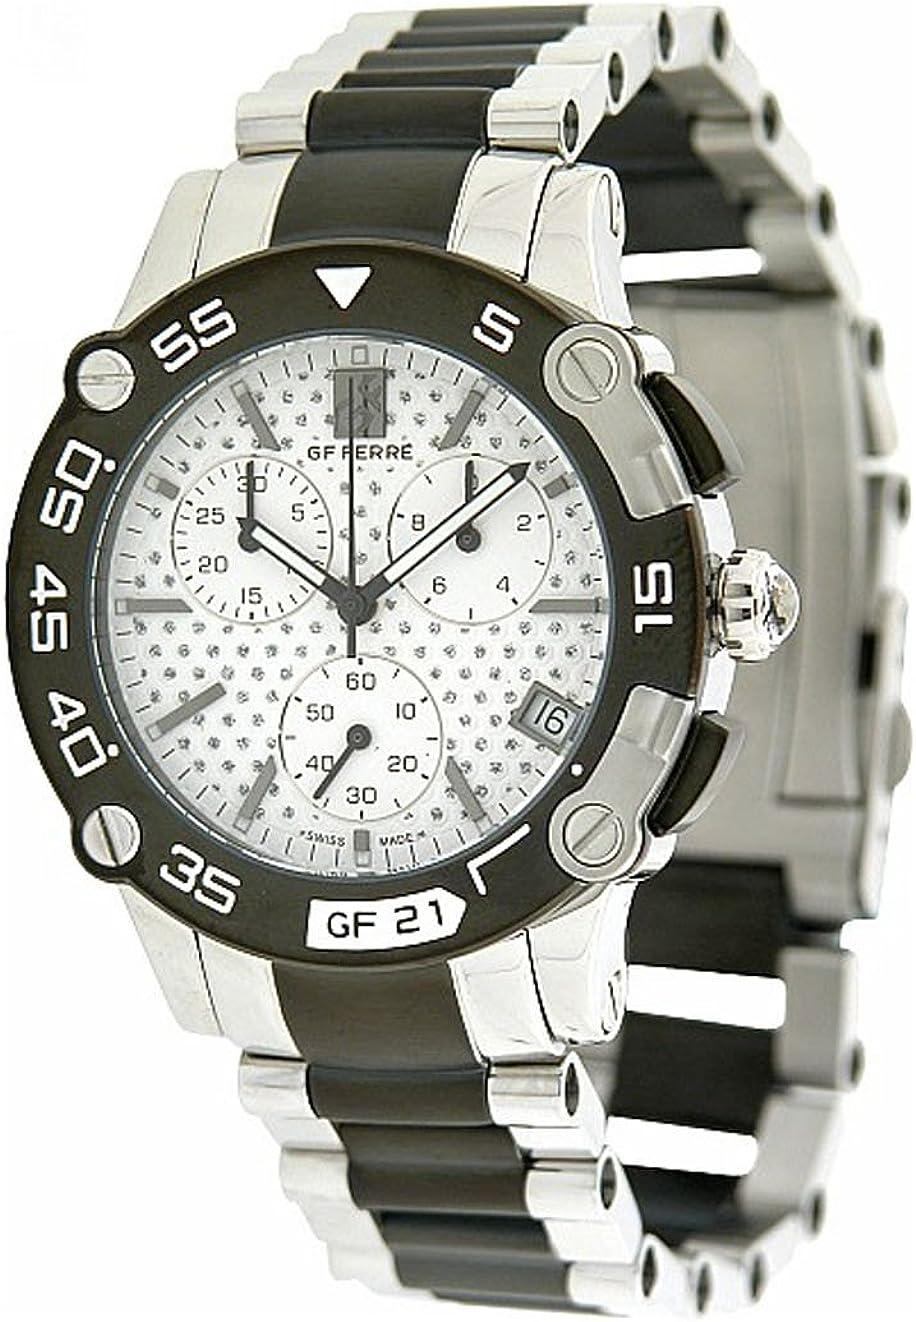 Ferre GF 9002M11M Montre Homme Quartz Chronographe